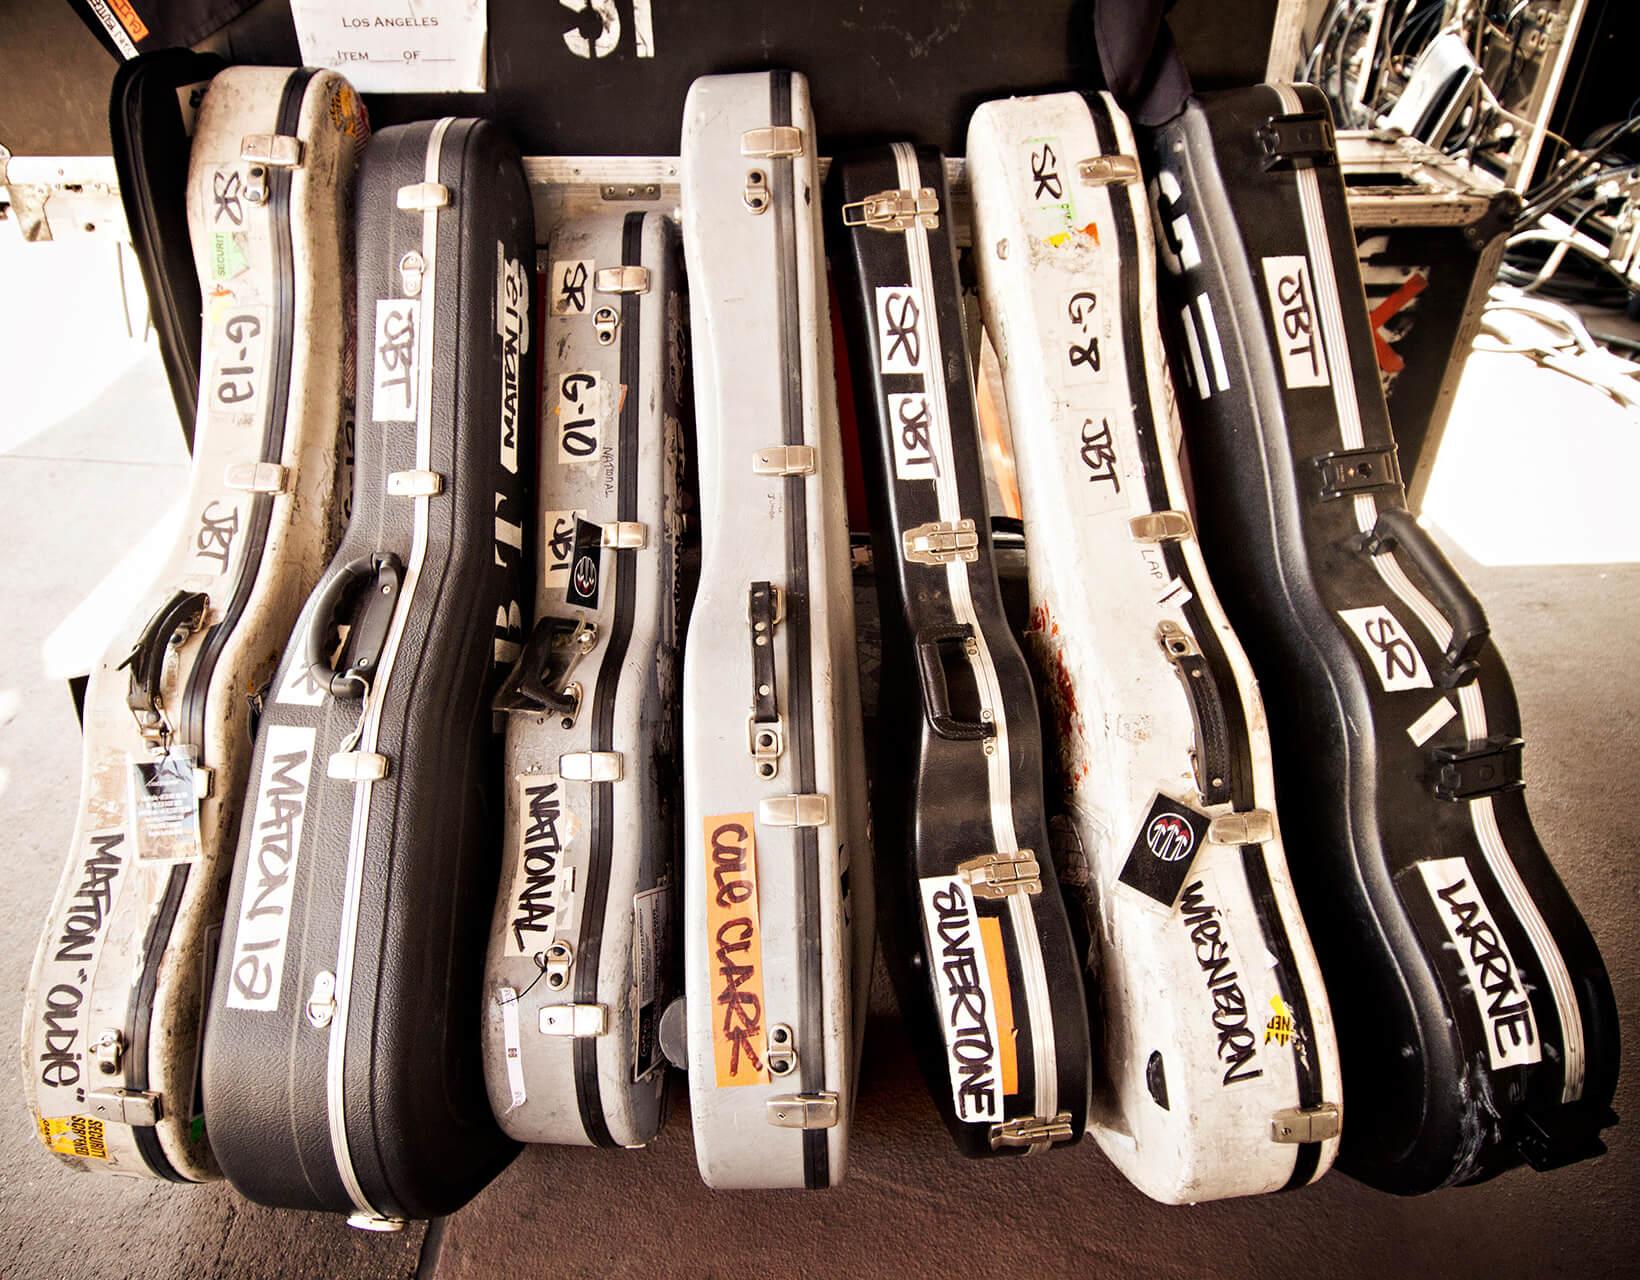 john butler guitars by Steve Rosenfieild Photography